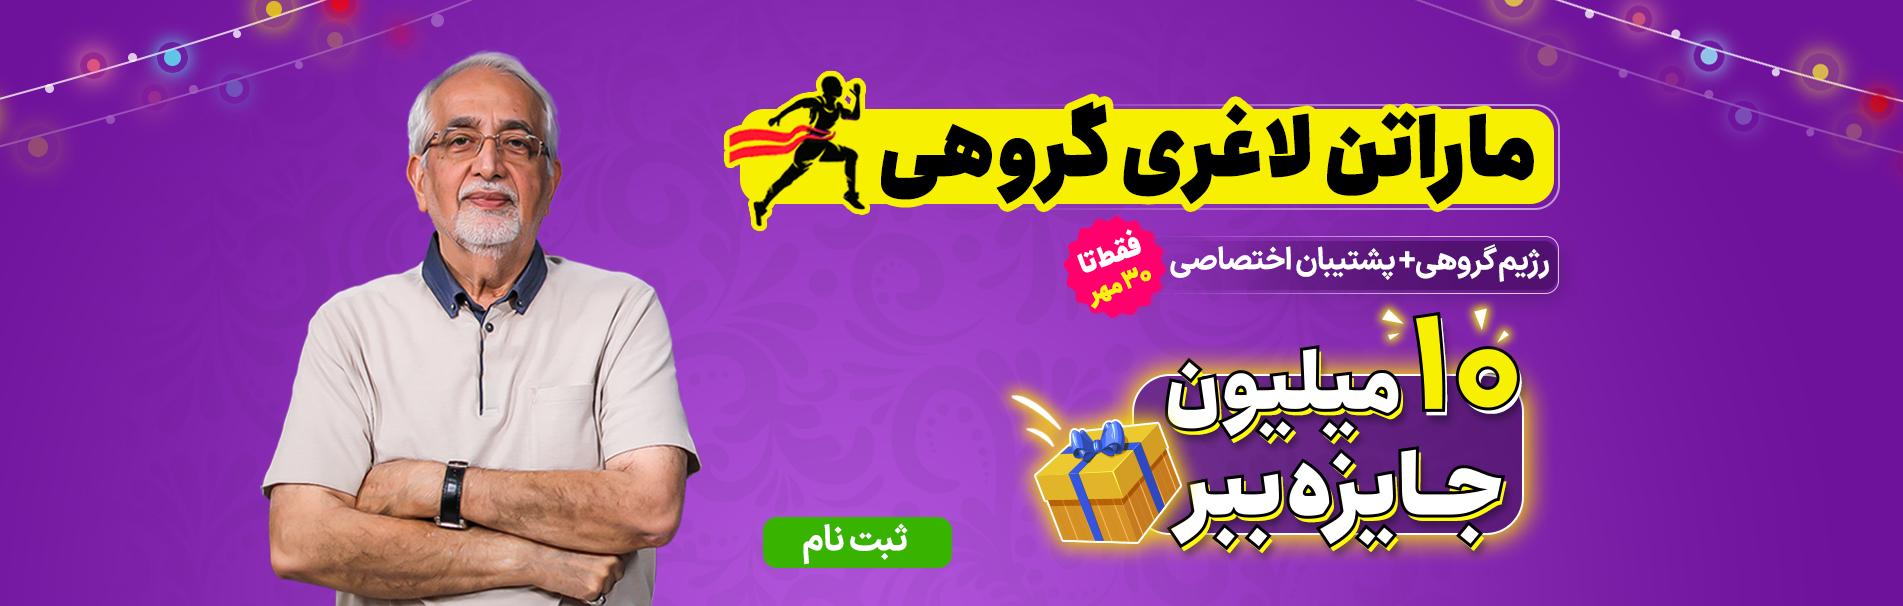 رژیم لاغری گروهی برنافیت دکتر کرمانی